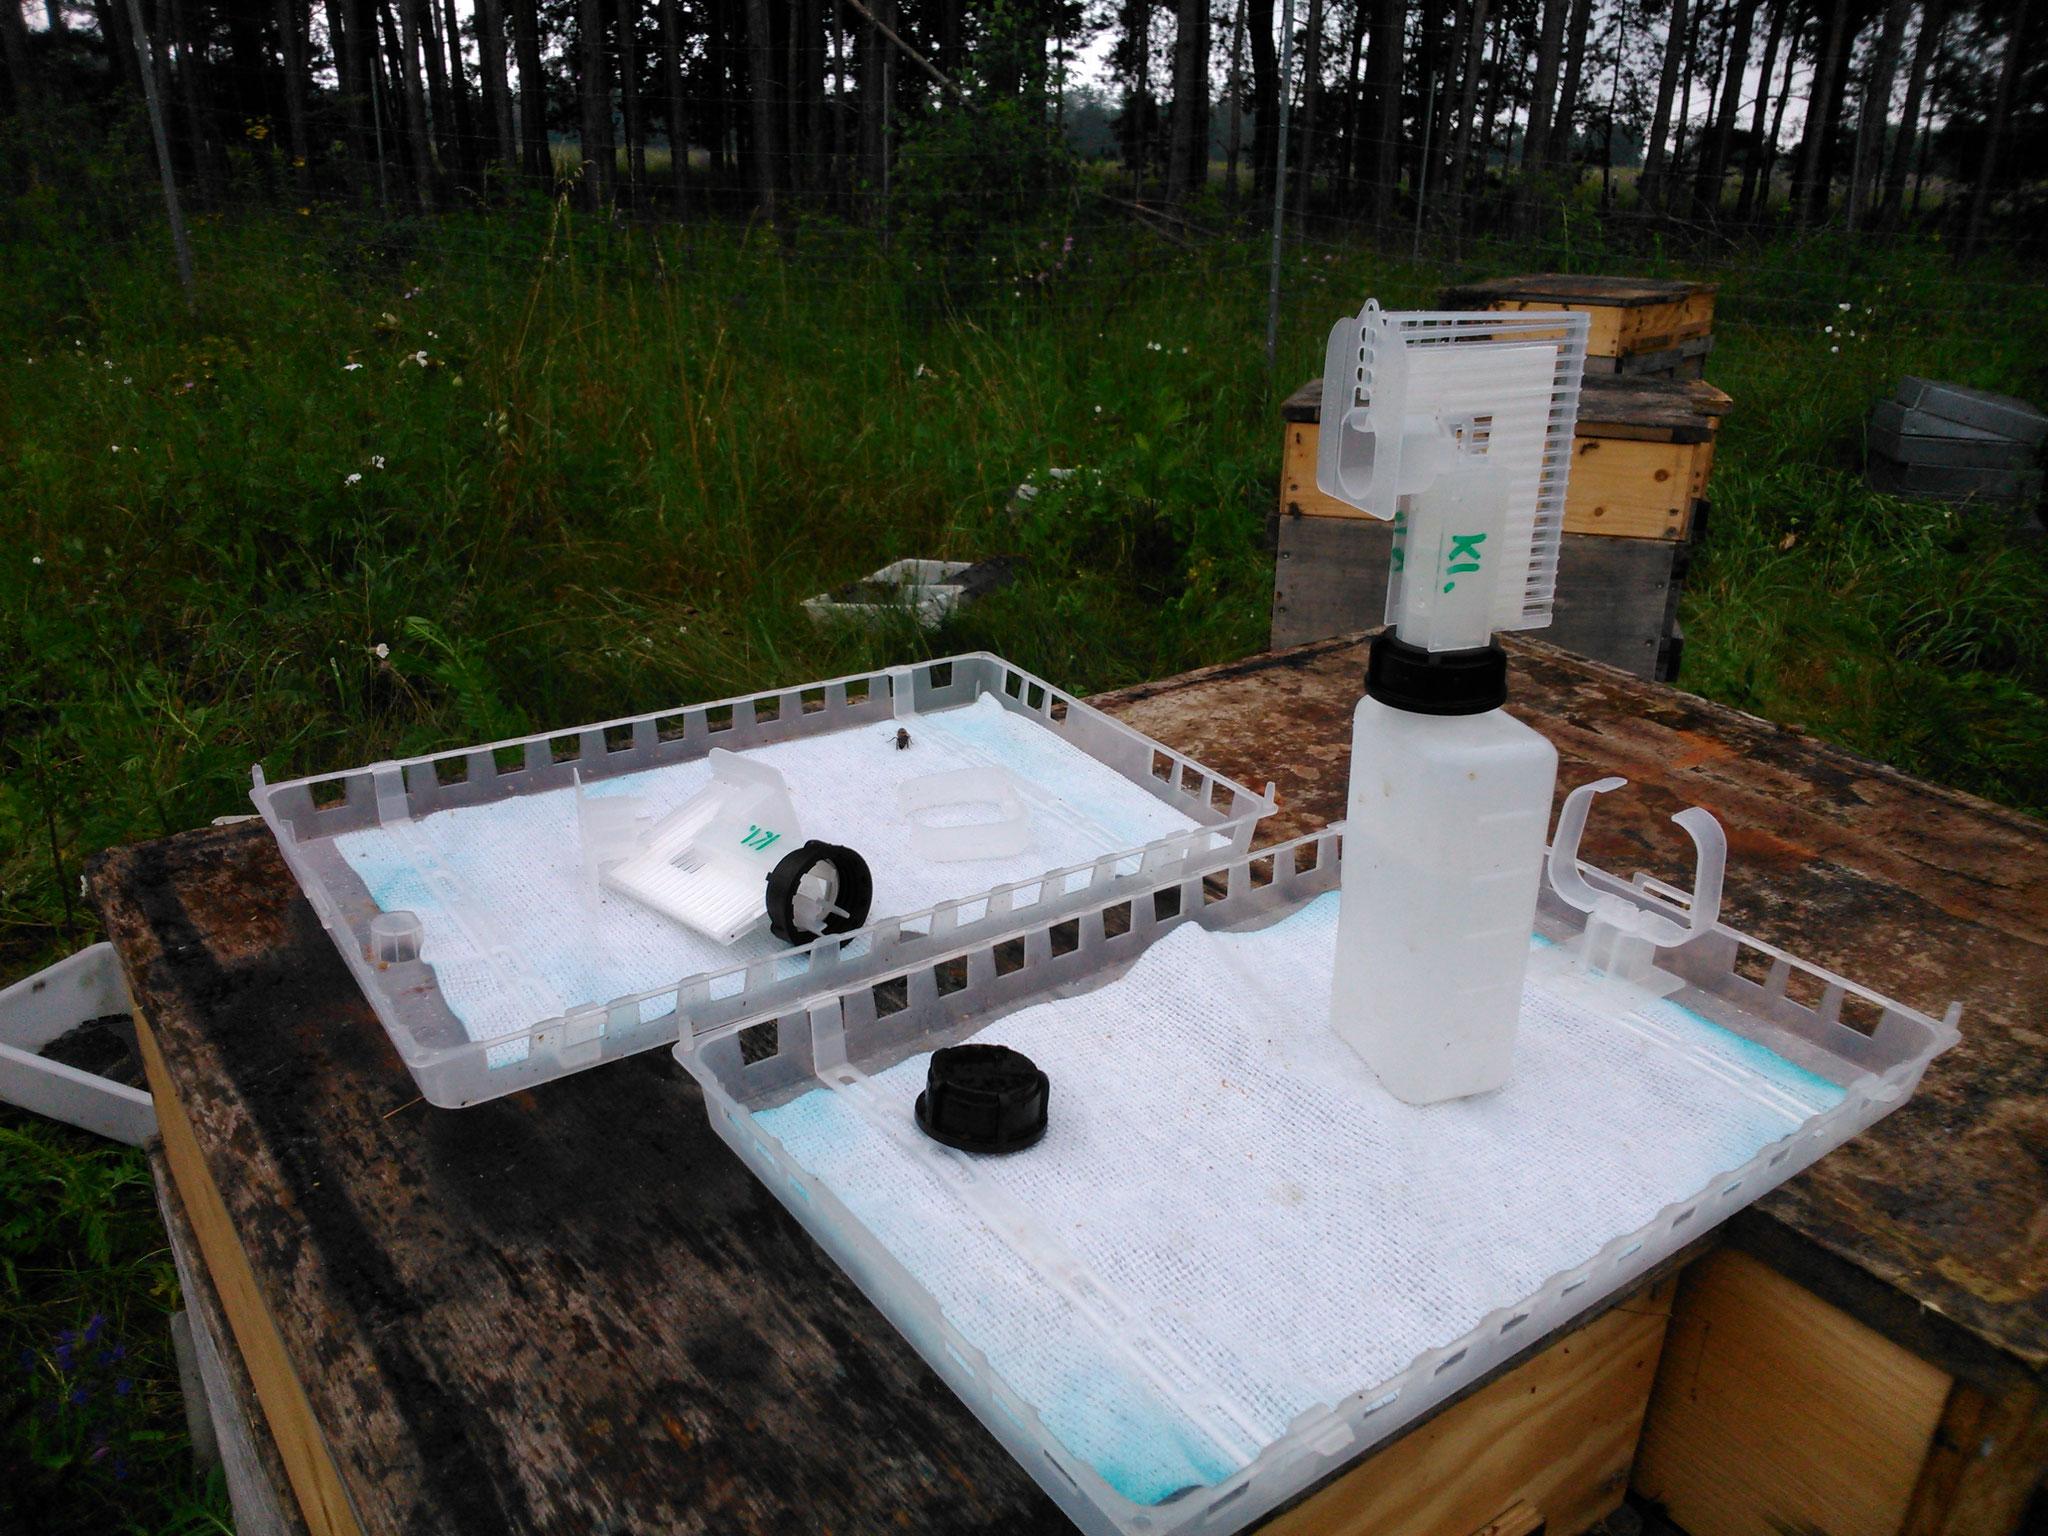 Nach der Honigernte Ende Juli findet die erste Varroamilben-Behandlung mit dem Nassenheider Verdunster statt. In der Flasche befindet sich Ameisensäure, die für 10 - 14 Tage in der Bienenbeute verbleibt.